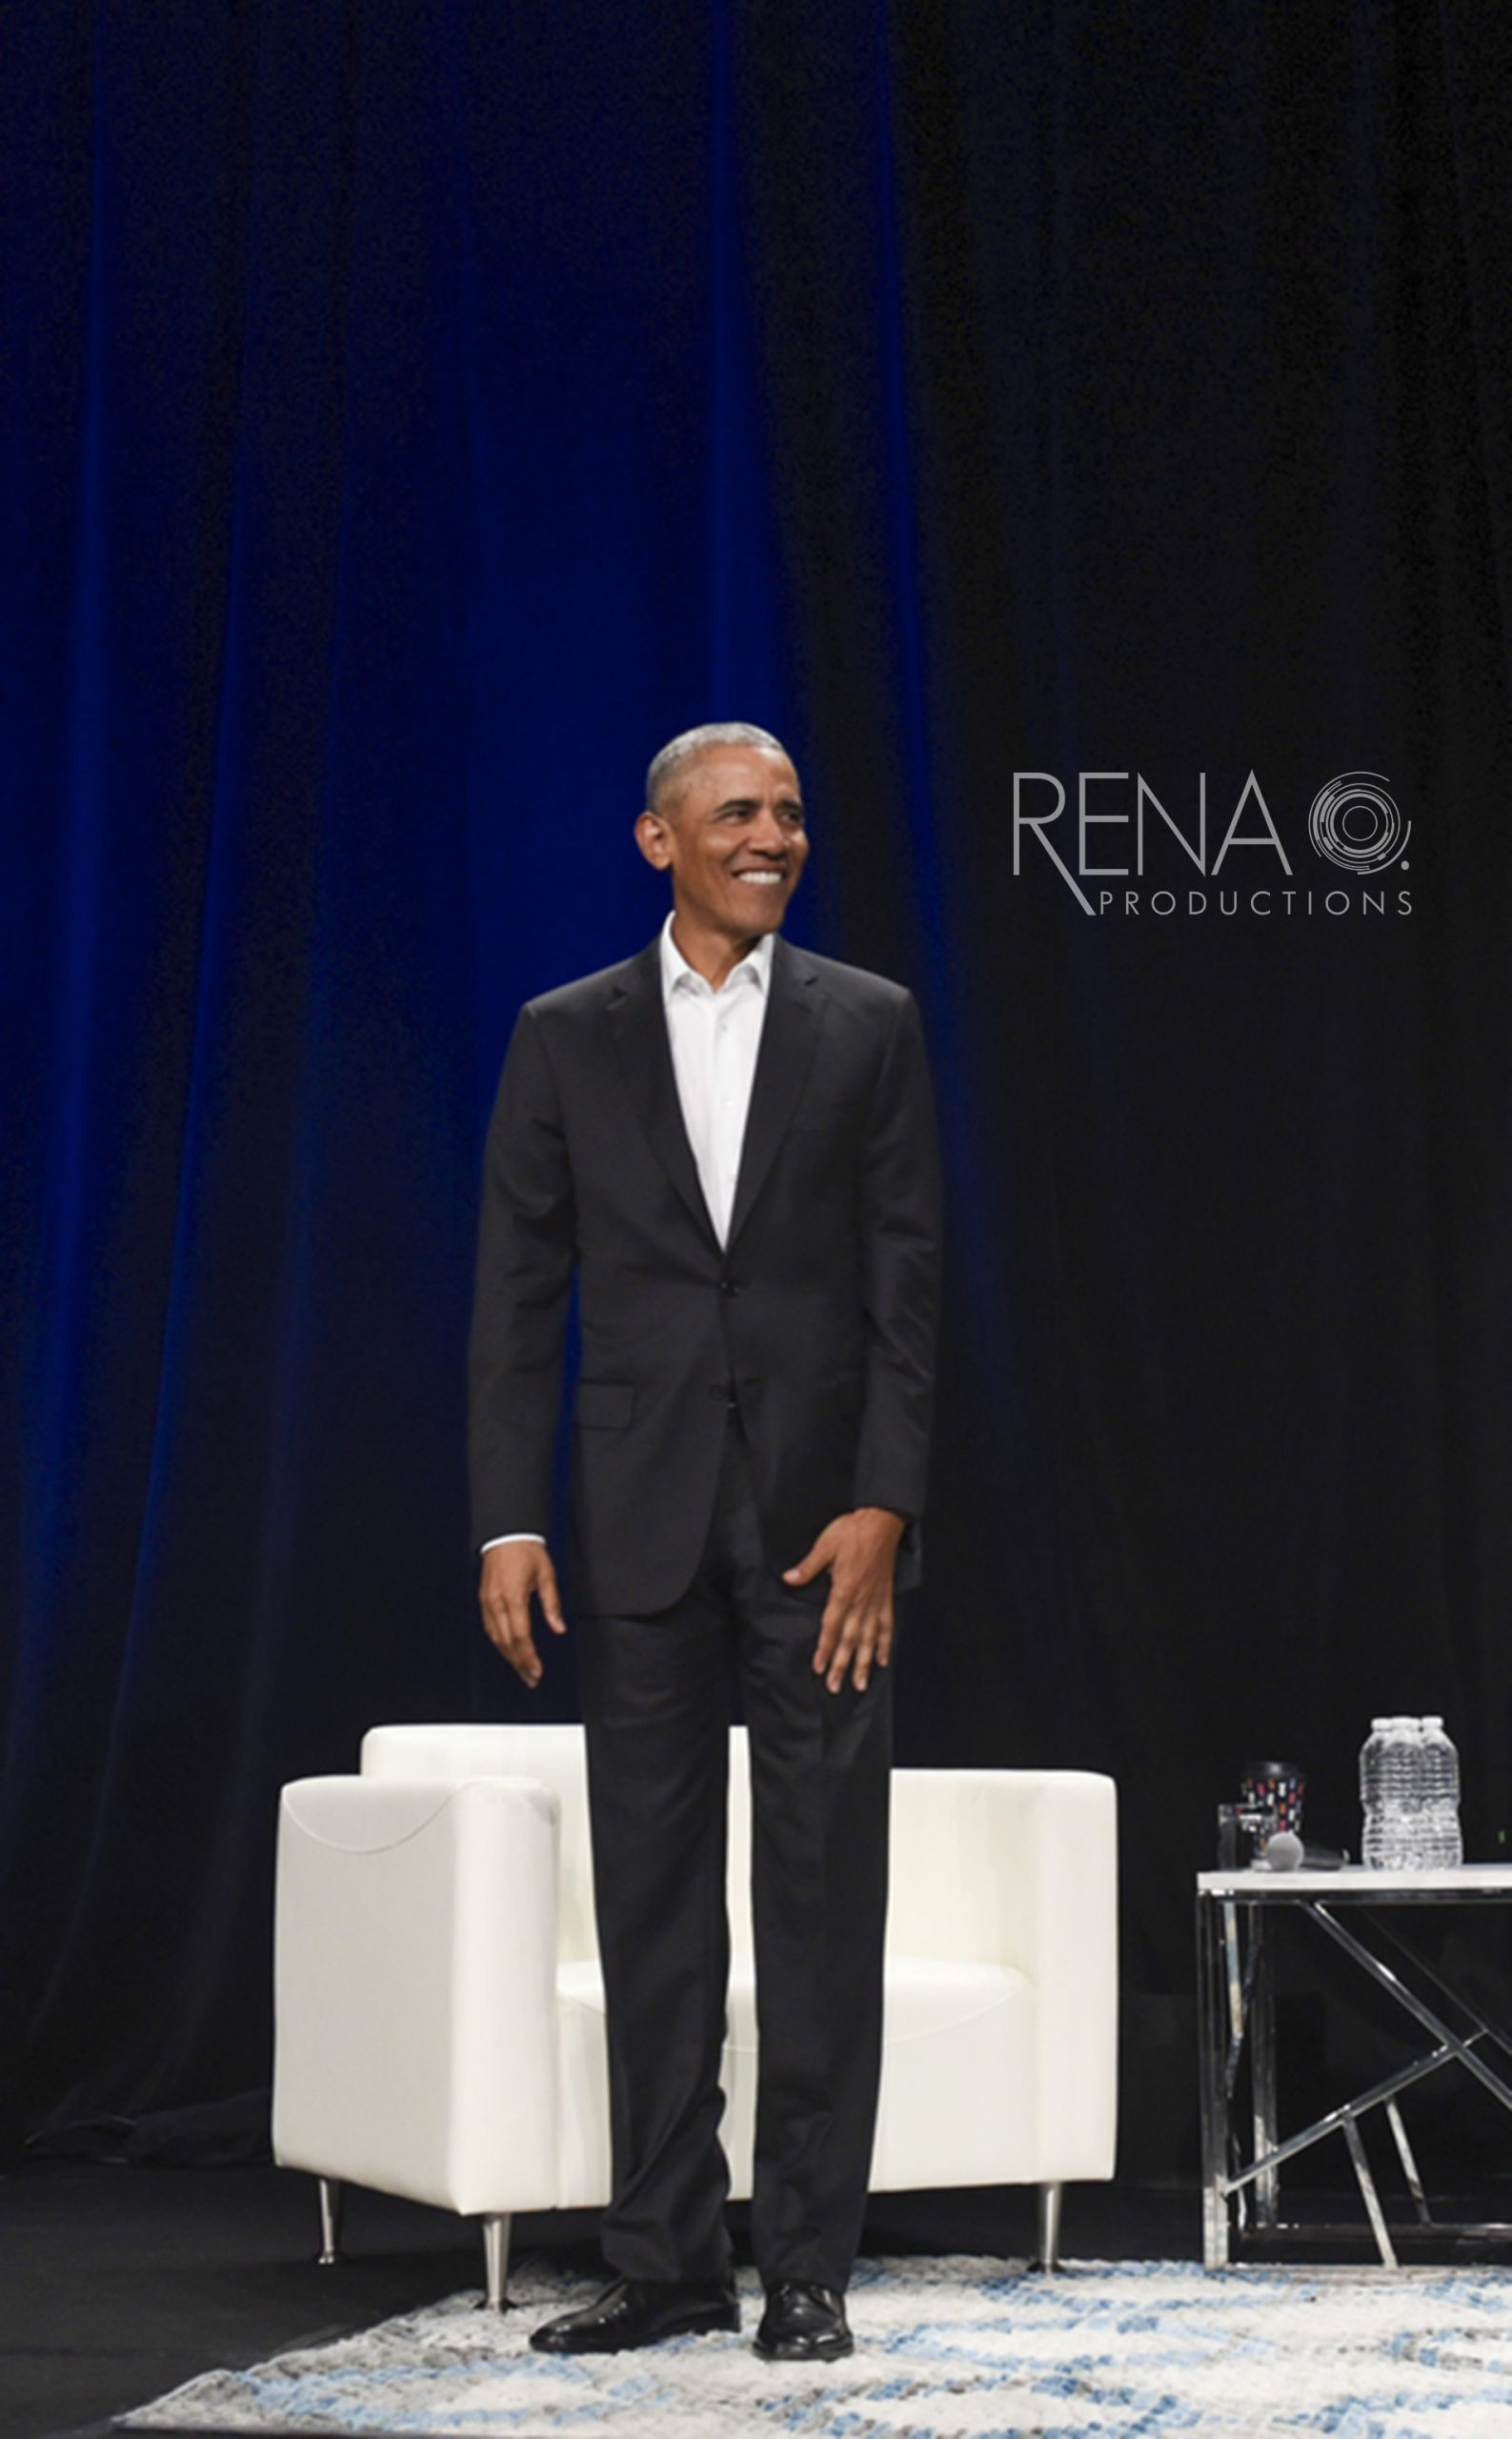 Barack Obama speaking at a conference